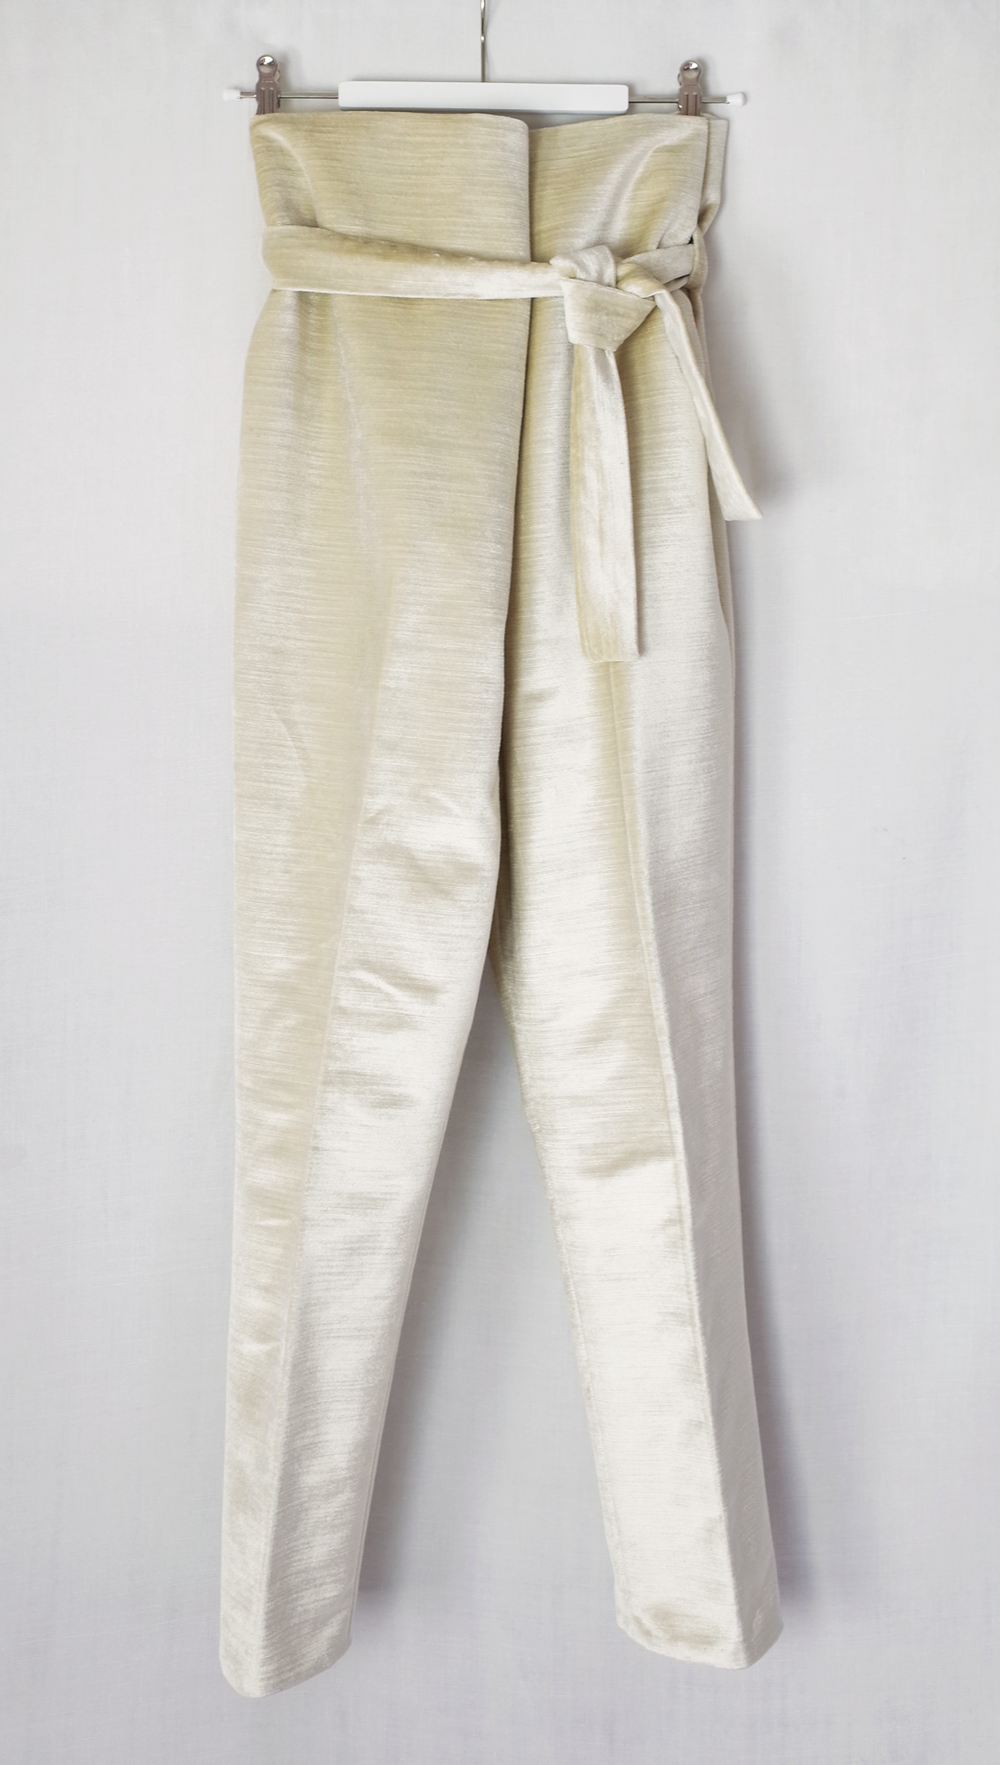 color:light beige  material: 100% cotton velour